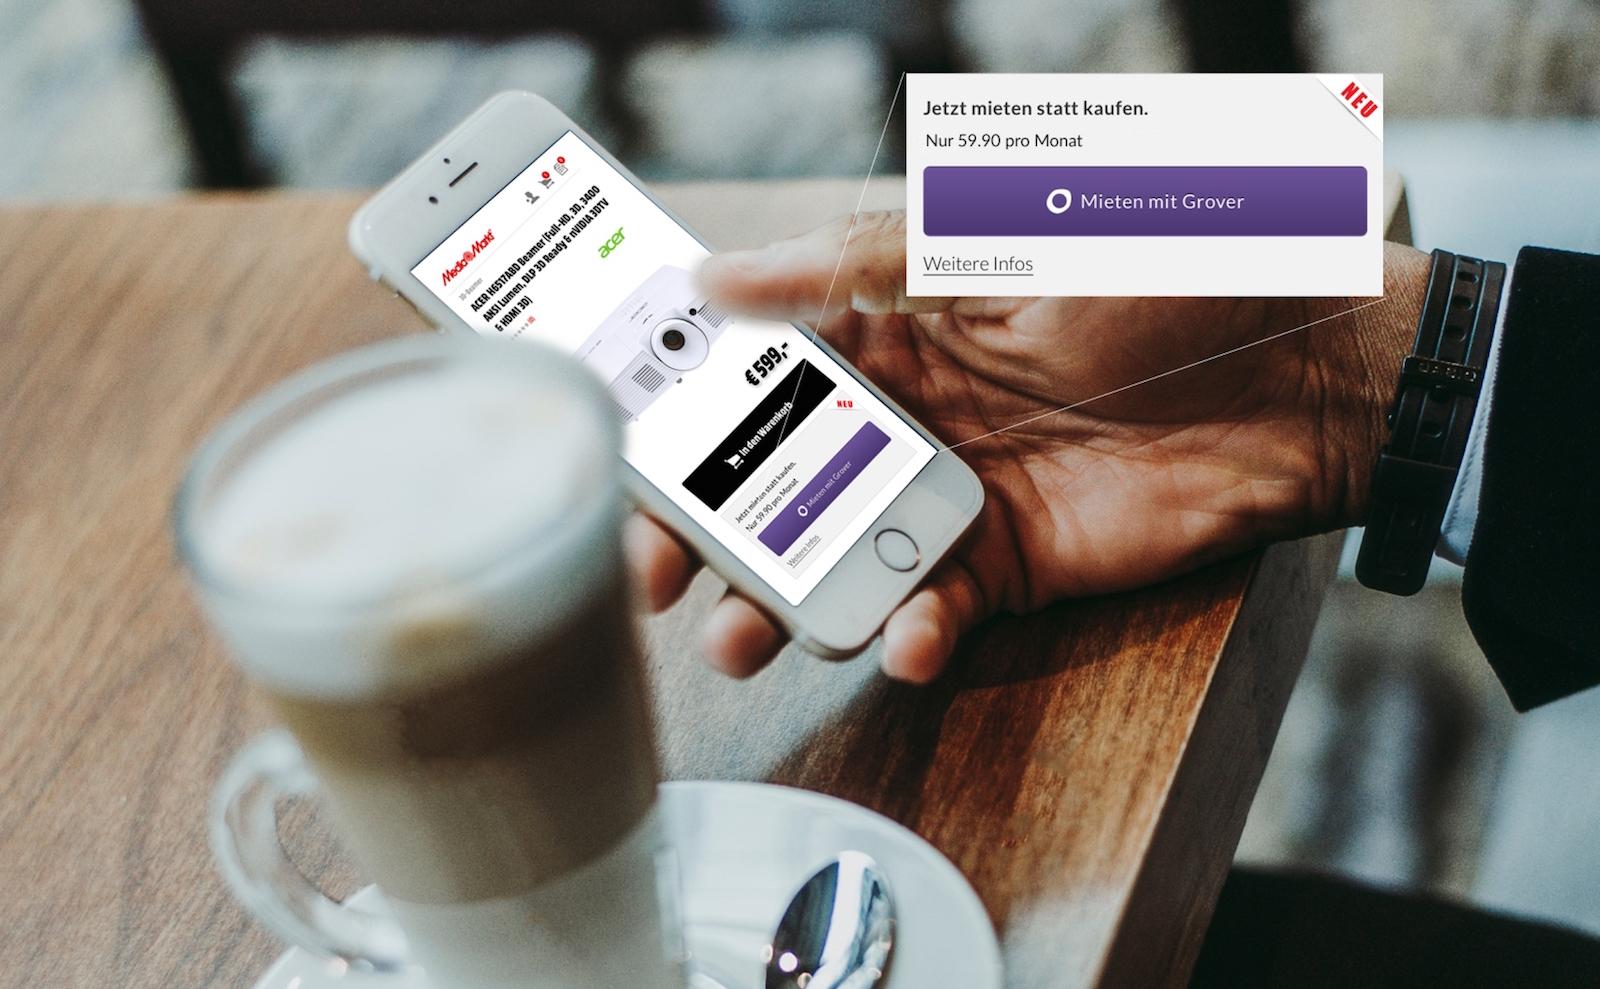 Startup Grover nabízí zákazníkům flexibilní pronájem elektroniky